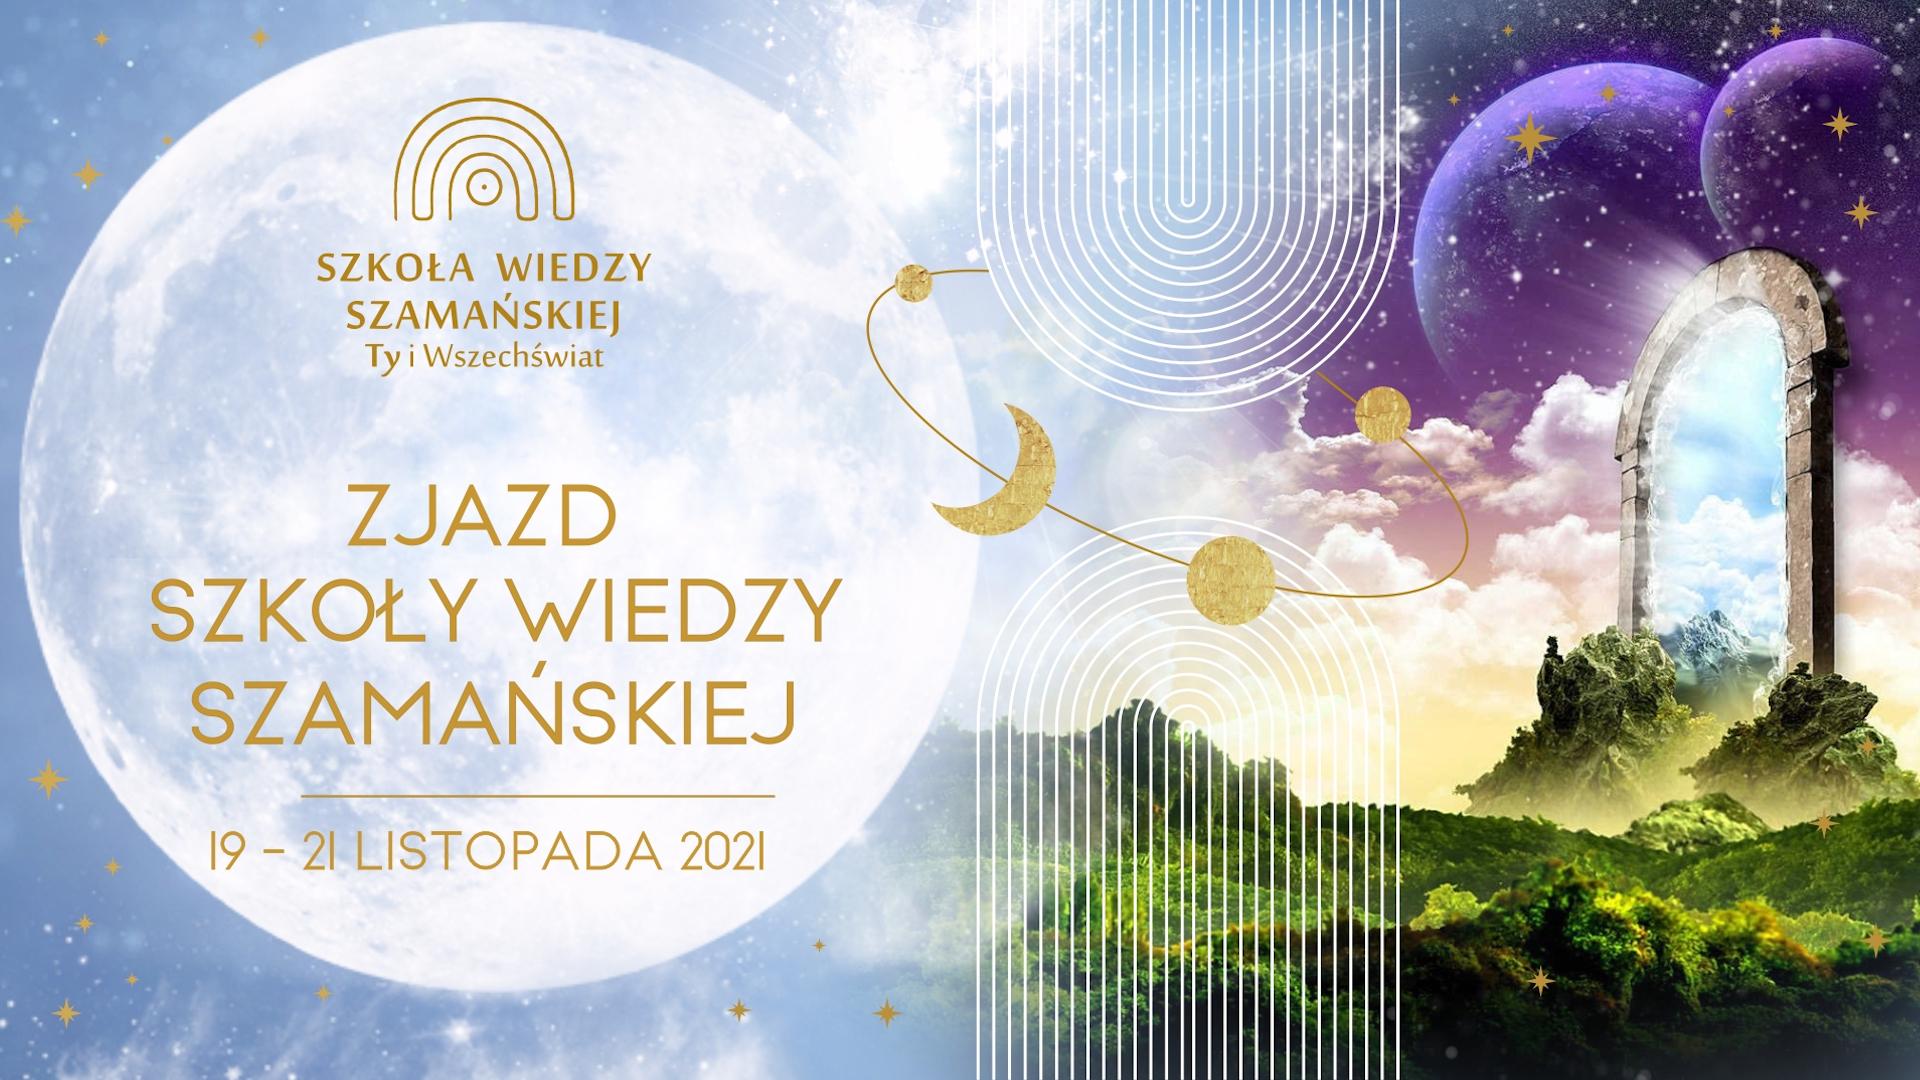 Szkoła Wiedzy Szamańskiej / Listopad 2021